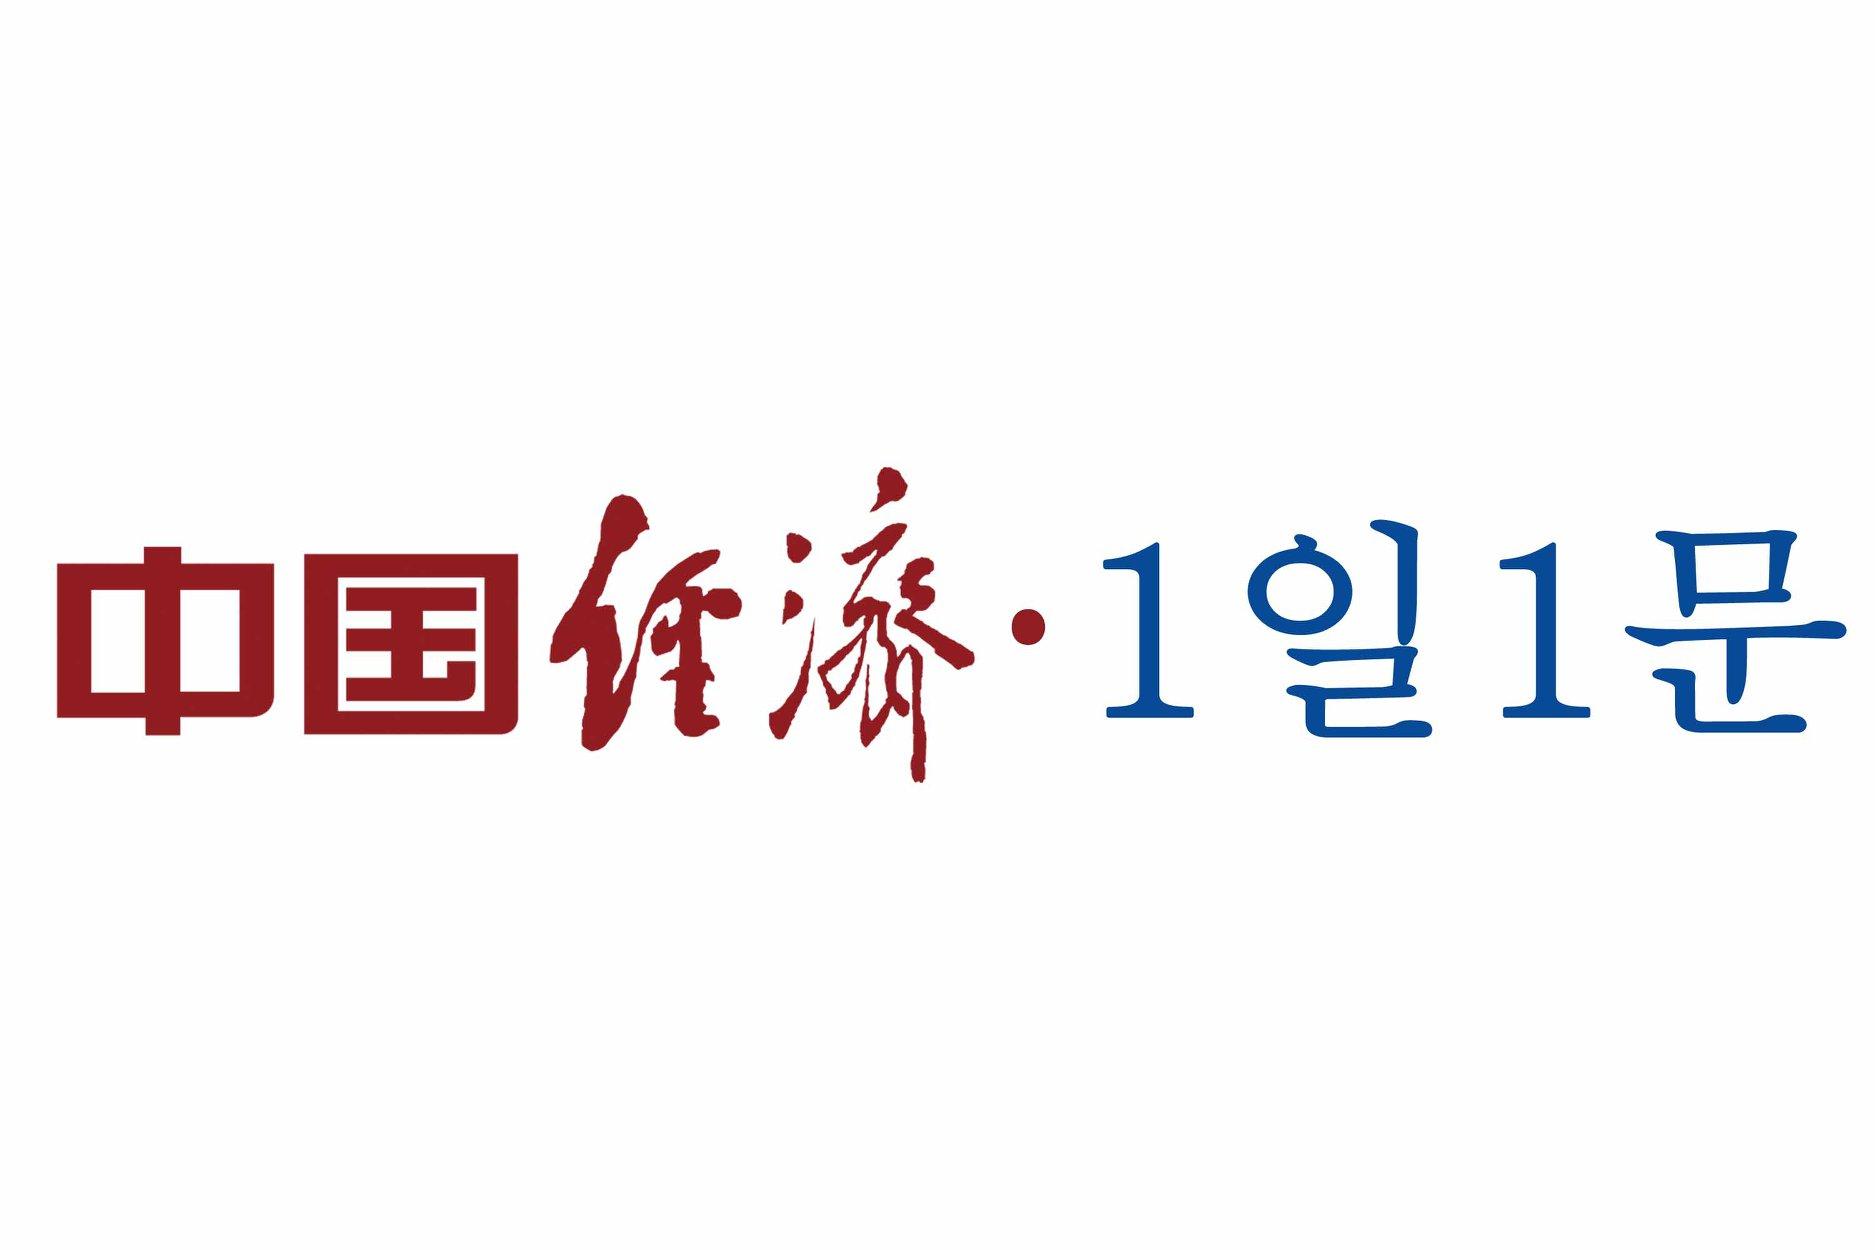 [중국경제 1일1문] 한국 중소기업 수출 1000억달러 돌파 사상 최대 실적